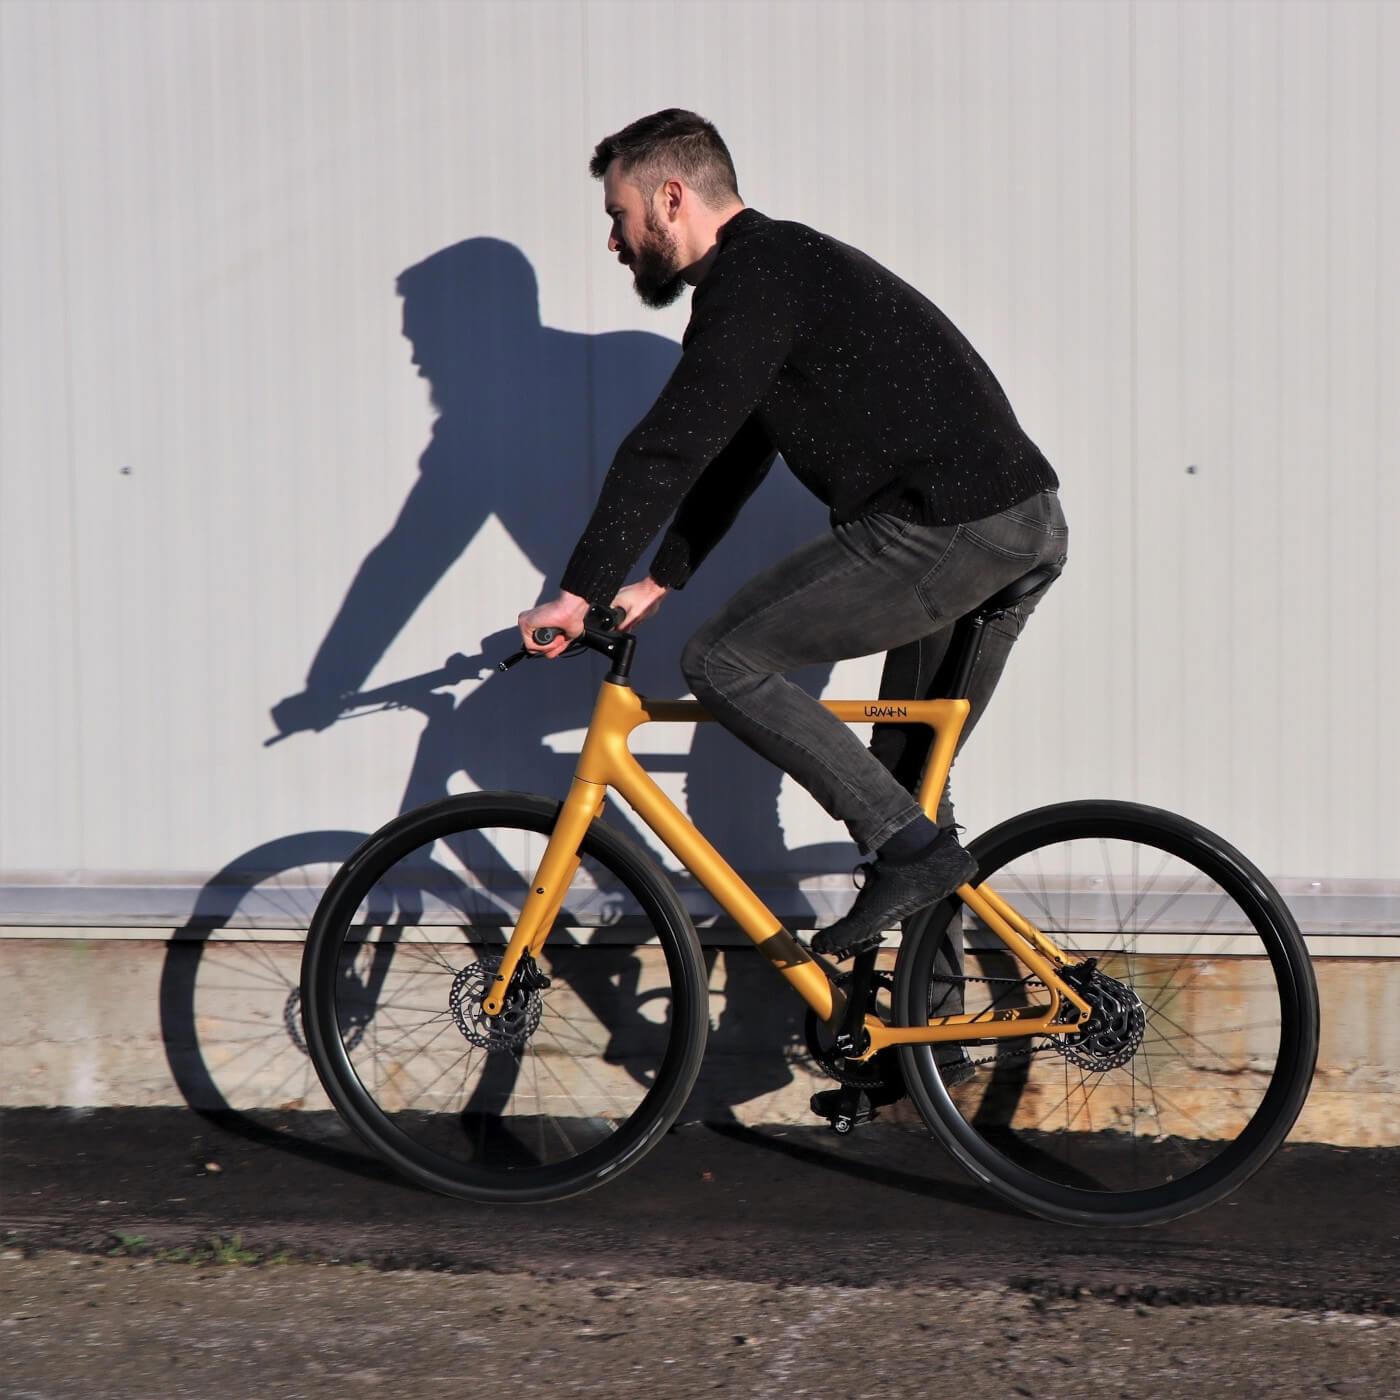 Urwahn Bikes Hero Image